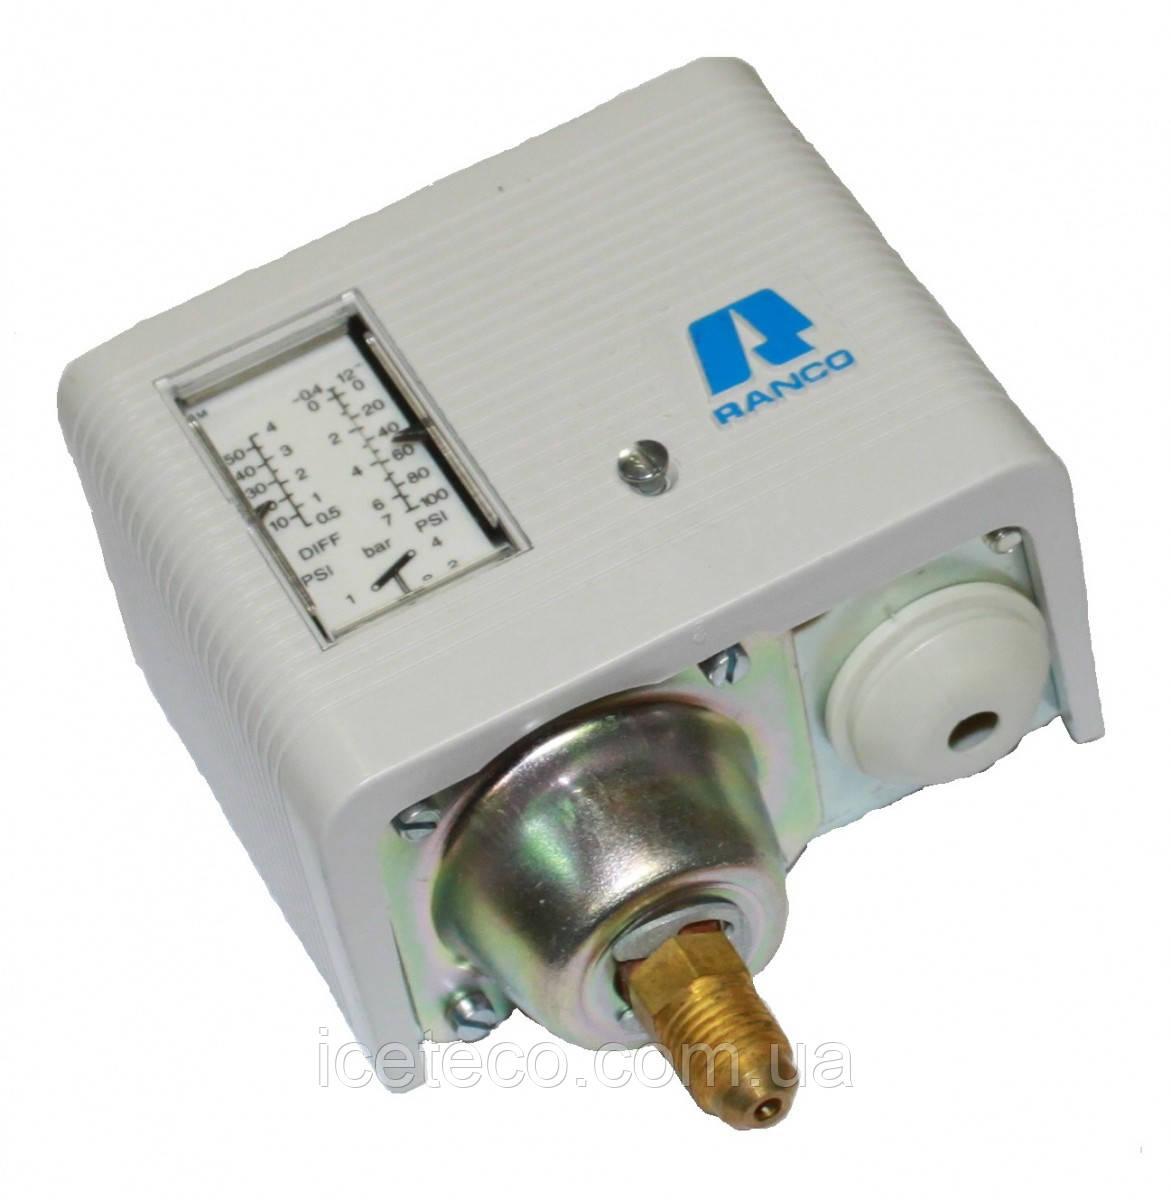 Одноблочное реле давления Ranco 016-H6705